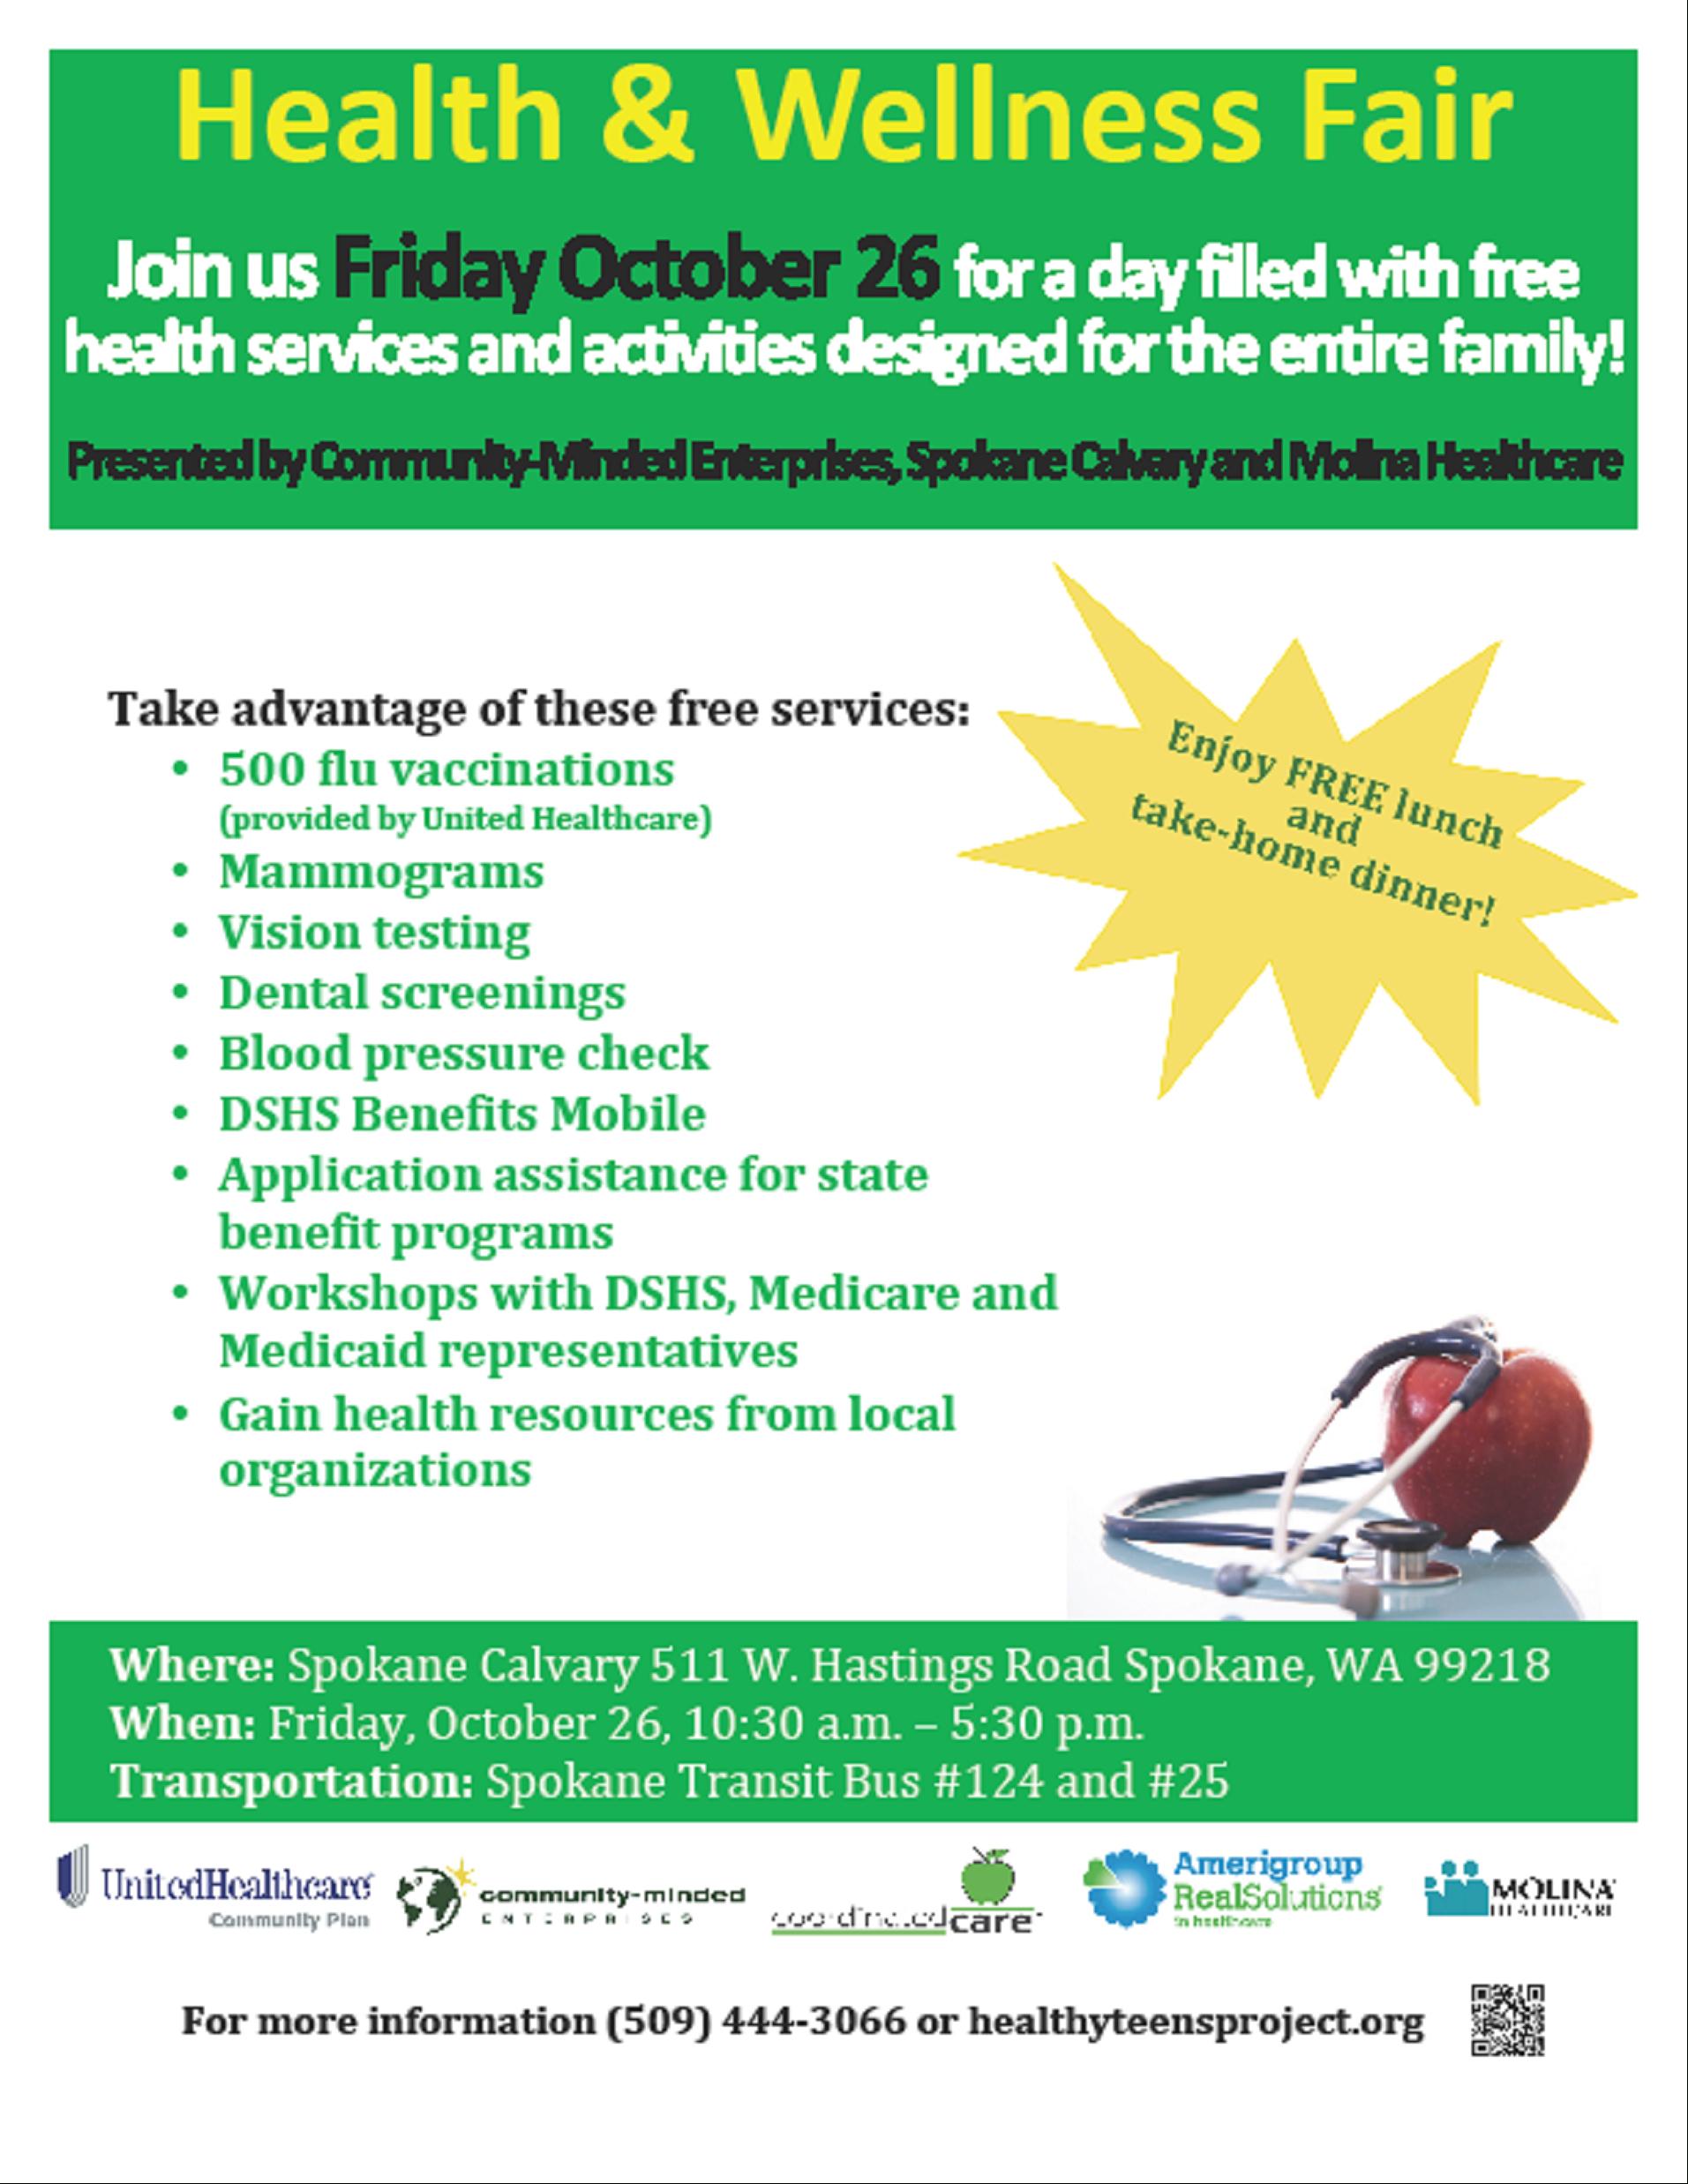 Health And Wellness Fair Flyer | Health Fair | Health Fair